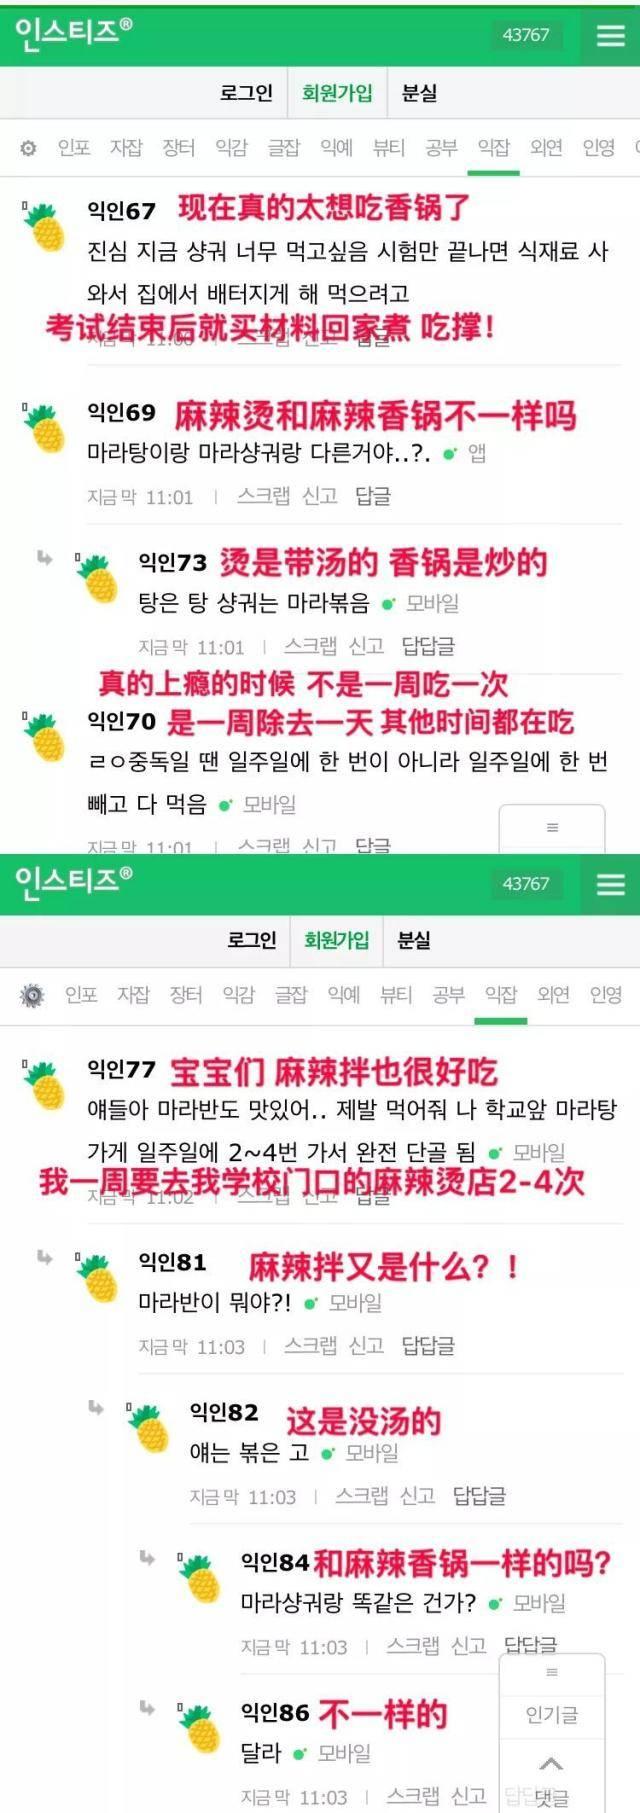 麻辣烫在韩受欢迎什么情况 韩国人为何也爱吃麻辣烫